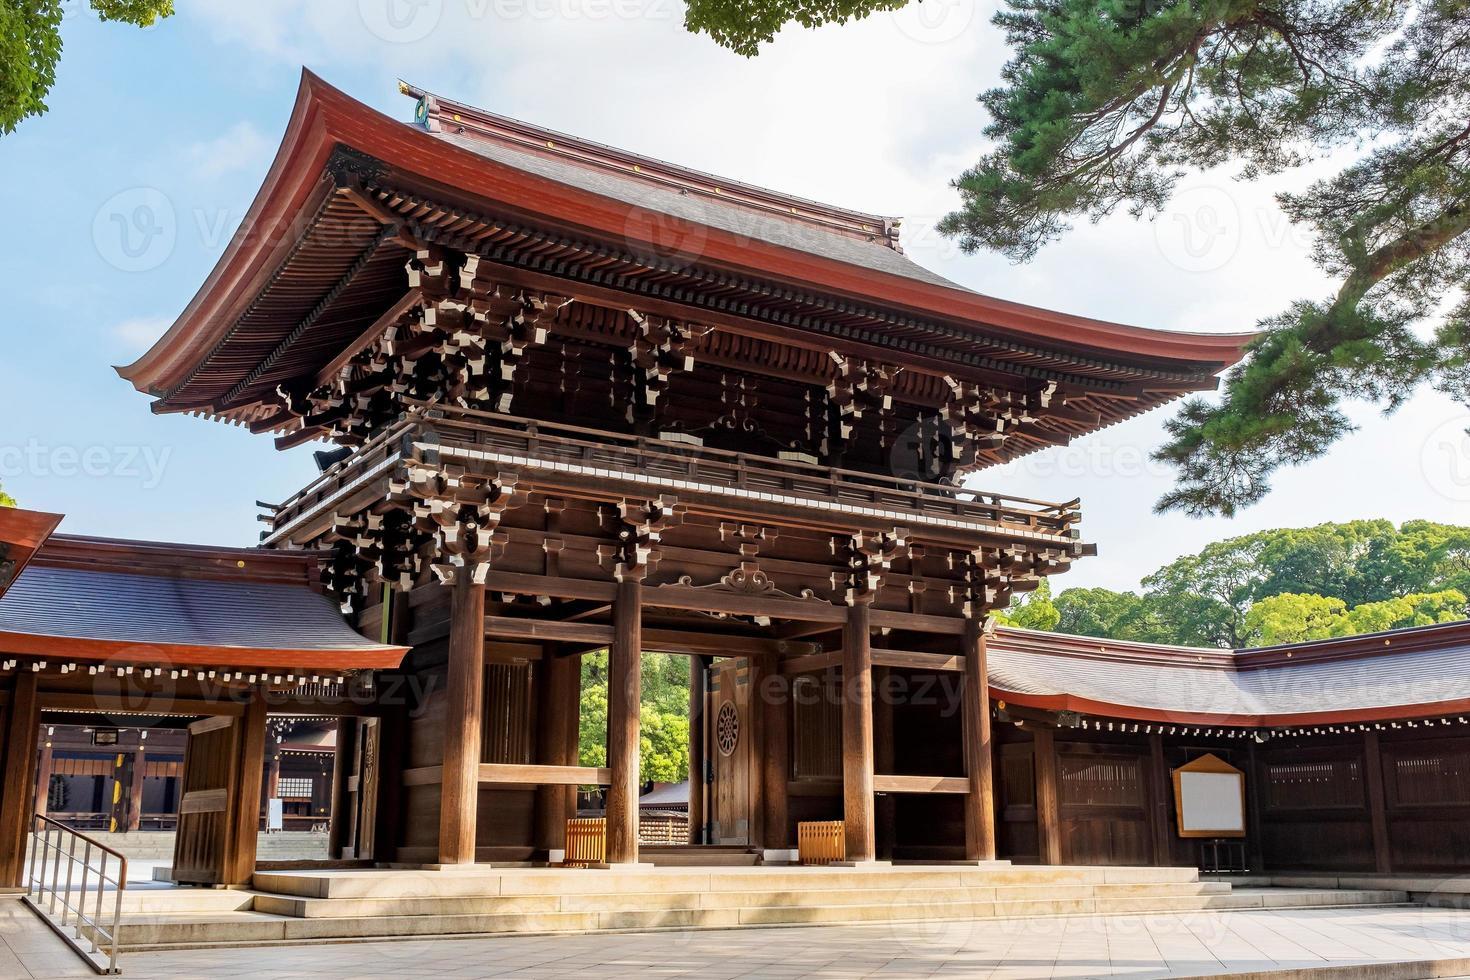 vacker utsikt vid porten i meji jingu eller meji-helgedomsområdet i tokyo, japan. foto